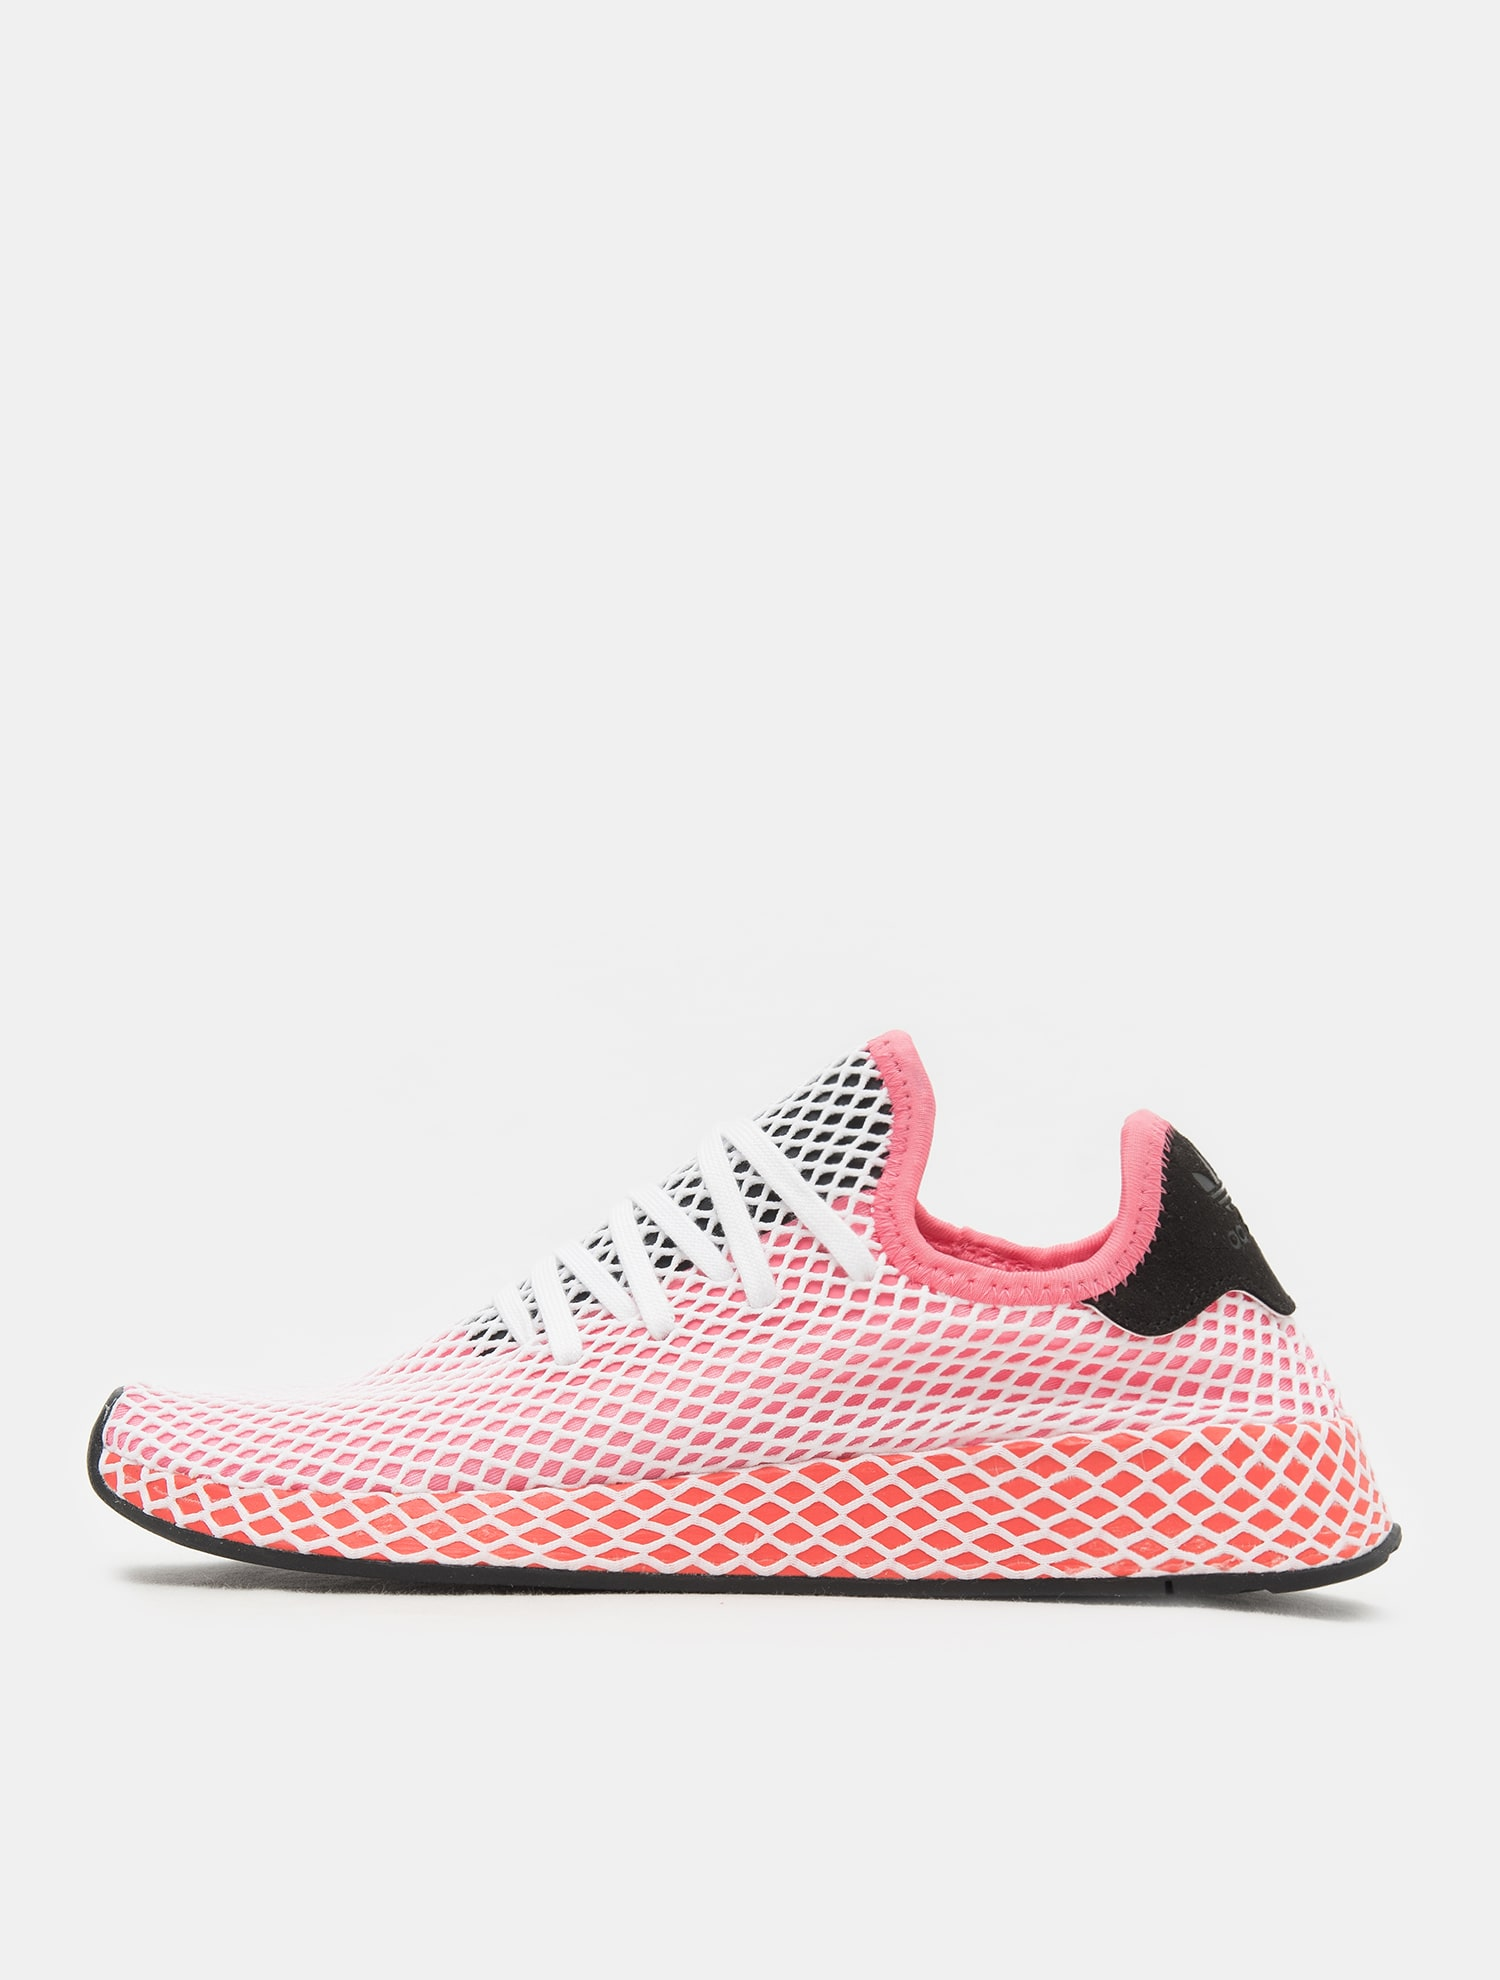 067956e5340e1 Adidas Originals   QM84K3DIDX. 18SS Deerupt Runner W – Pink (Men)